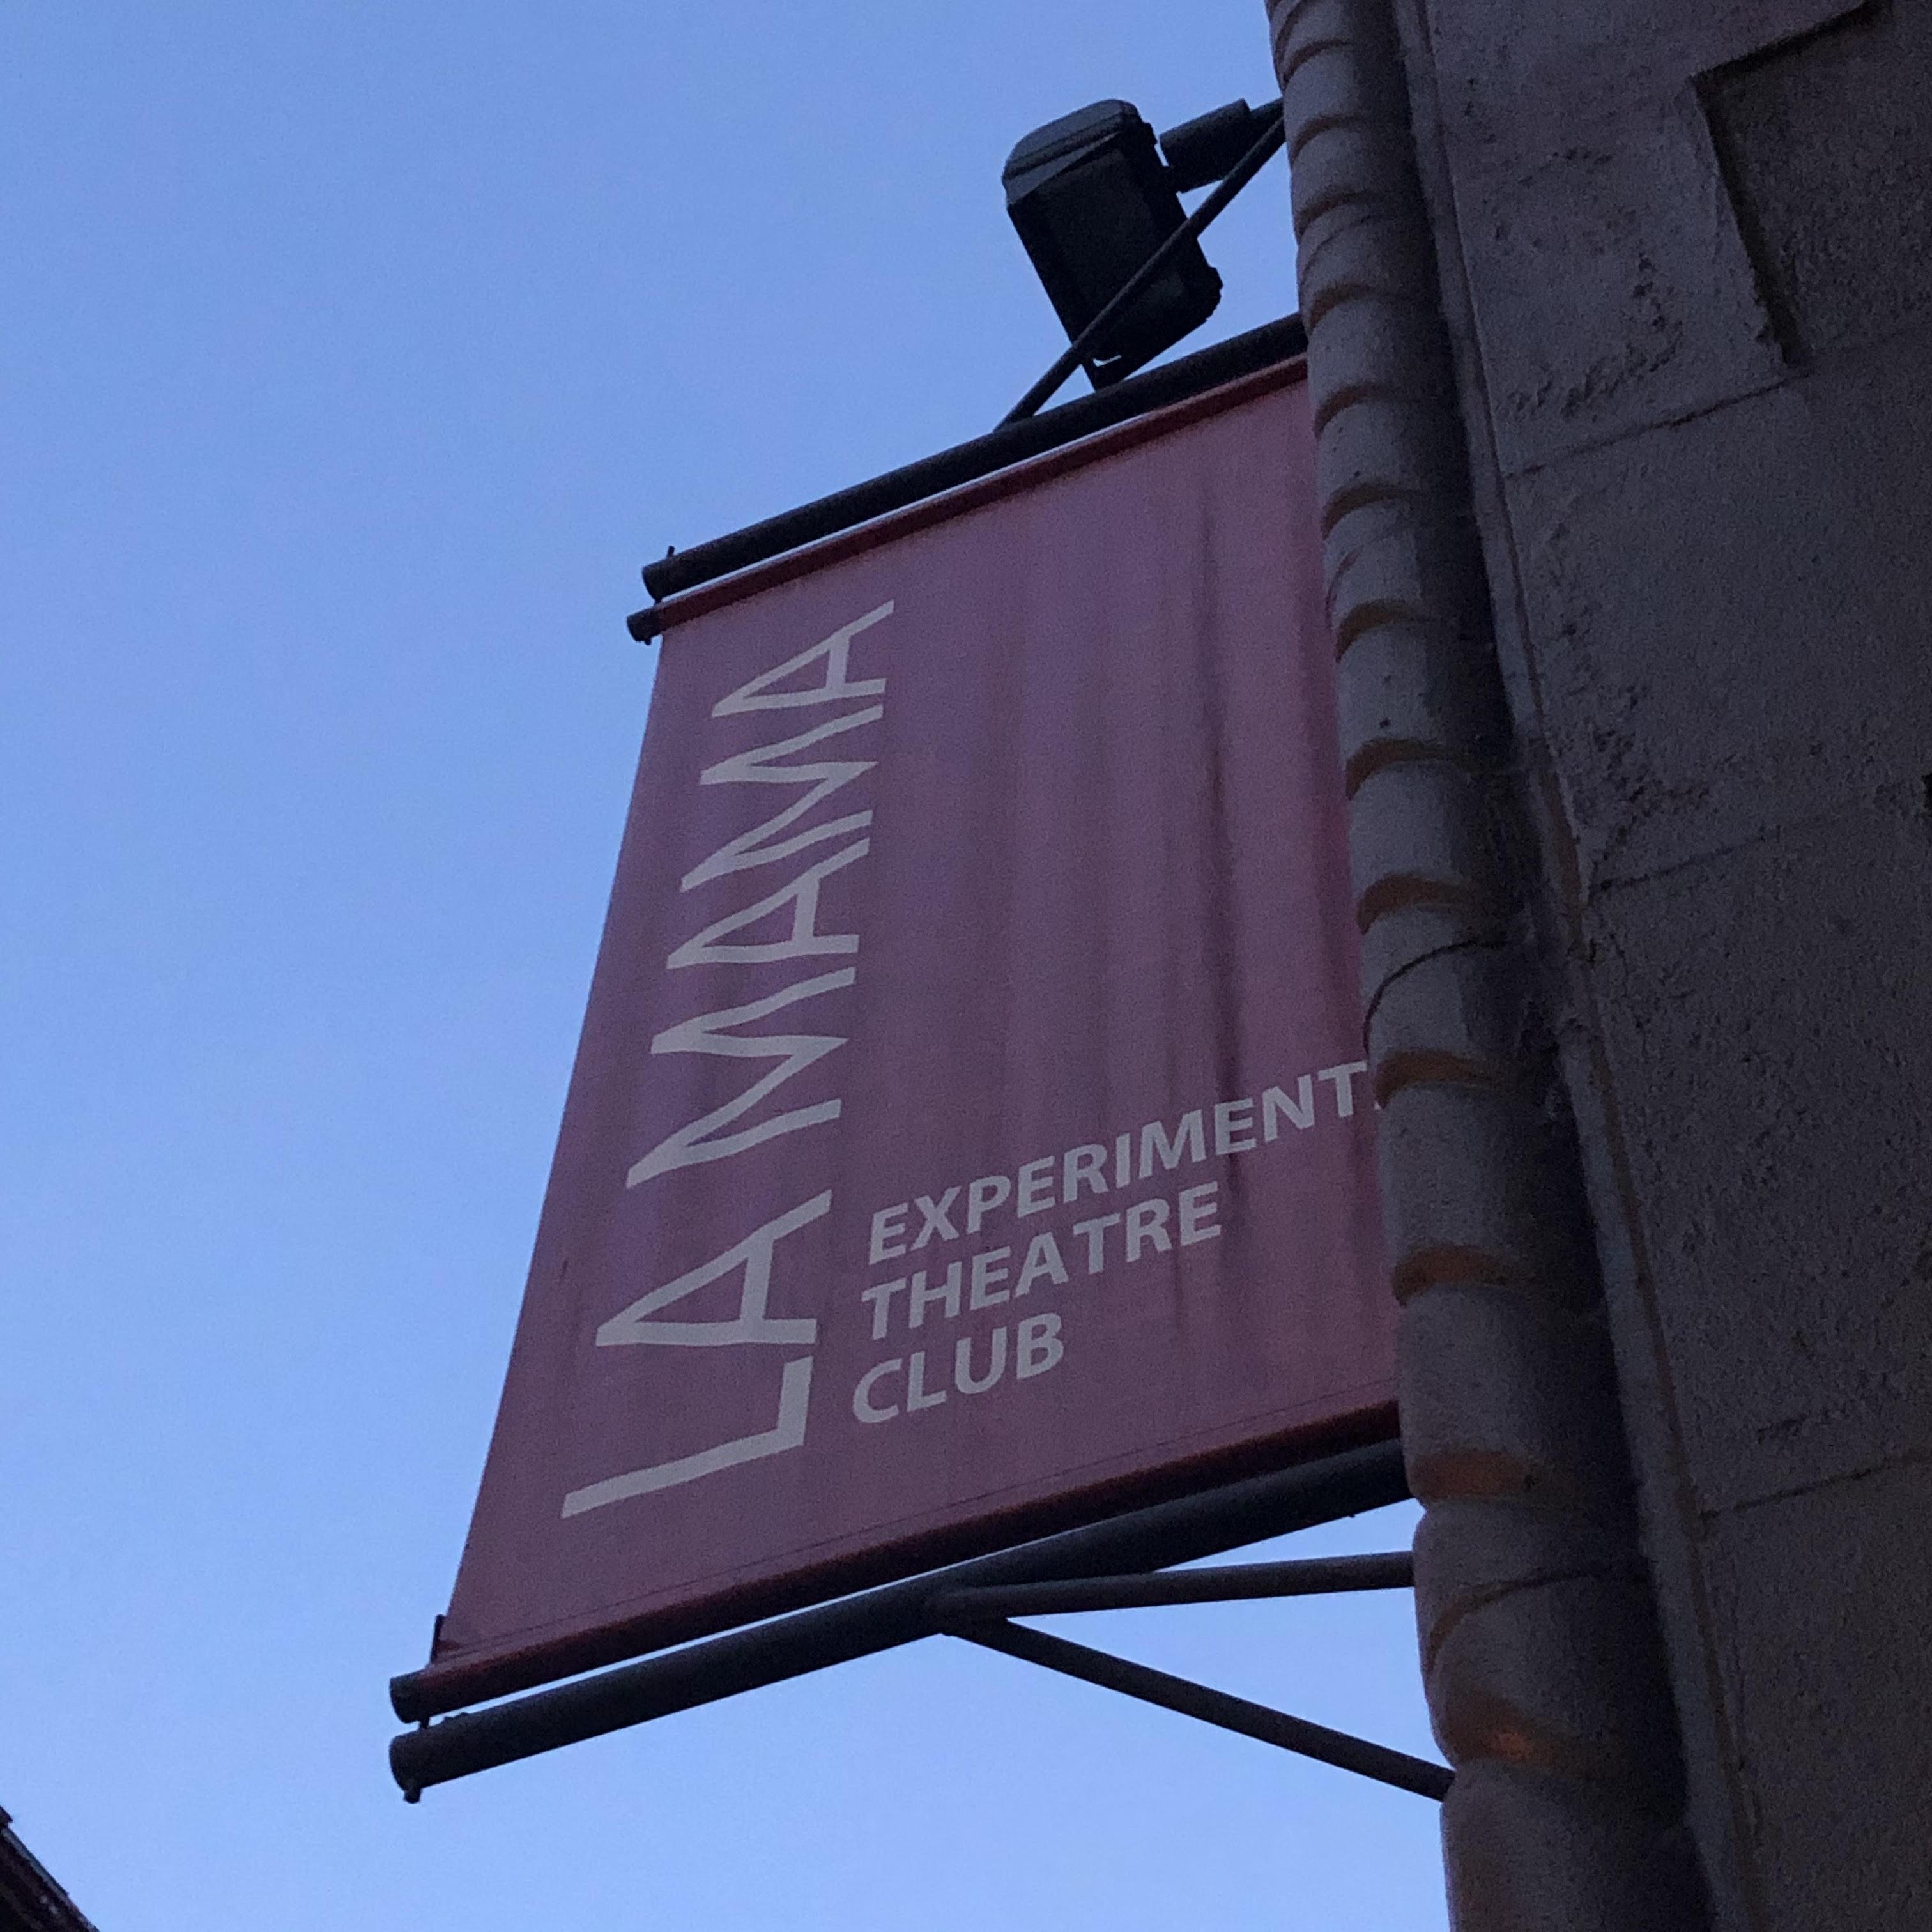 La MaMa Experimental Theatre Club banner outside of theatre.